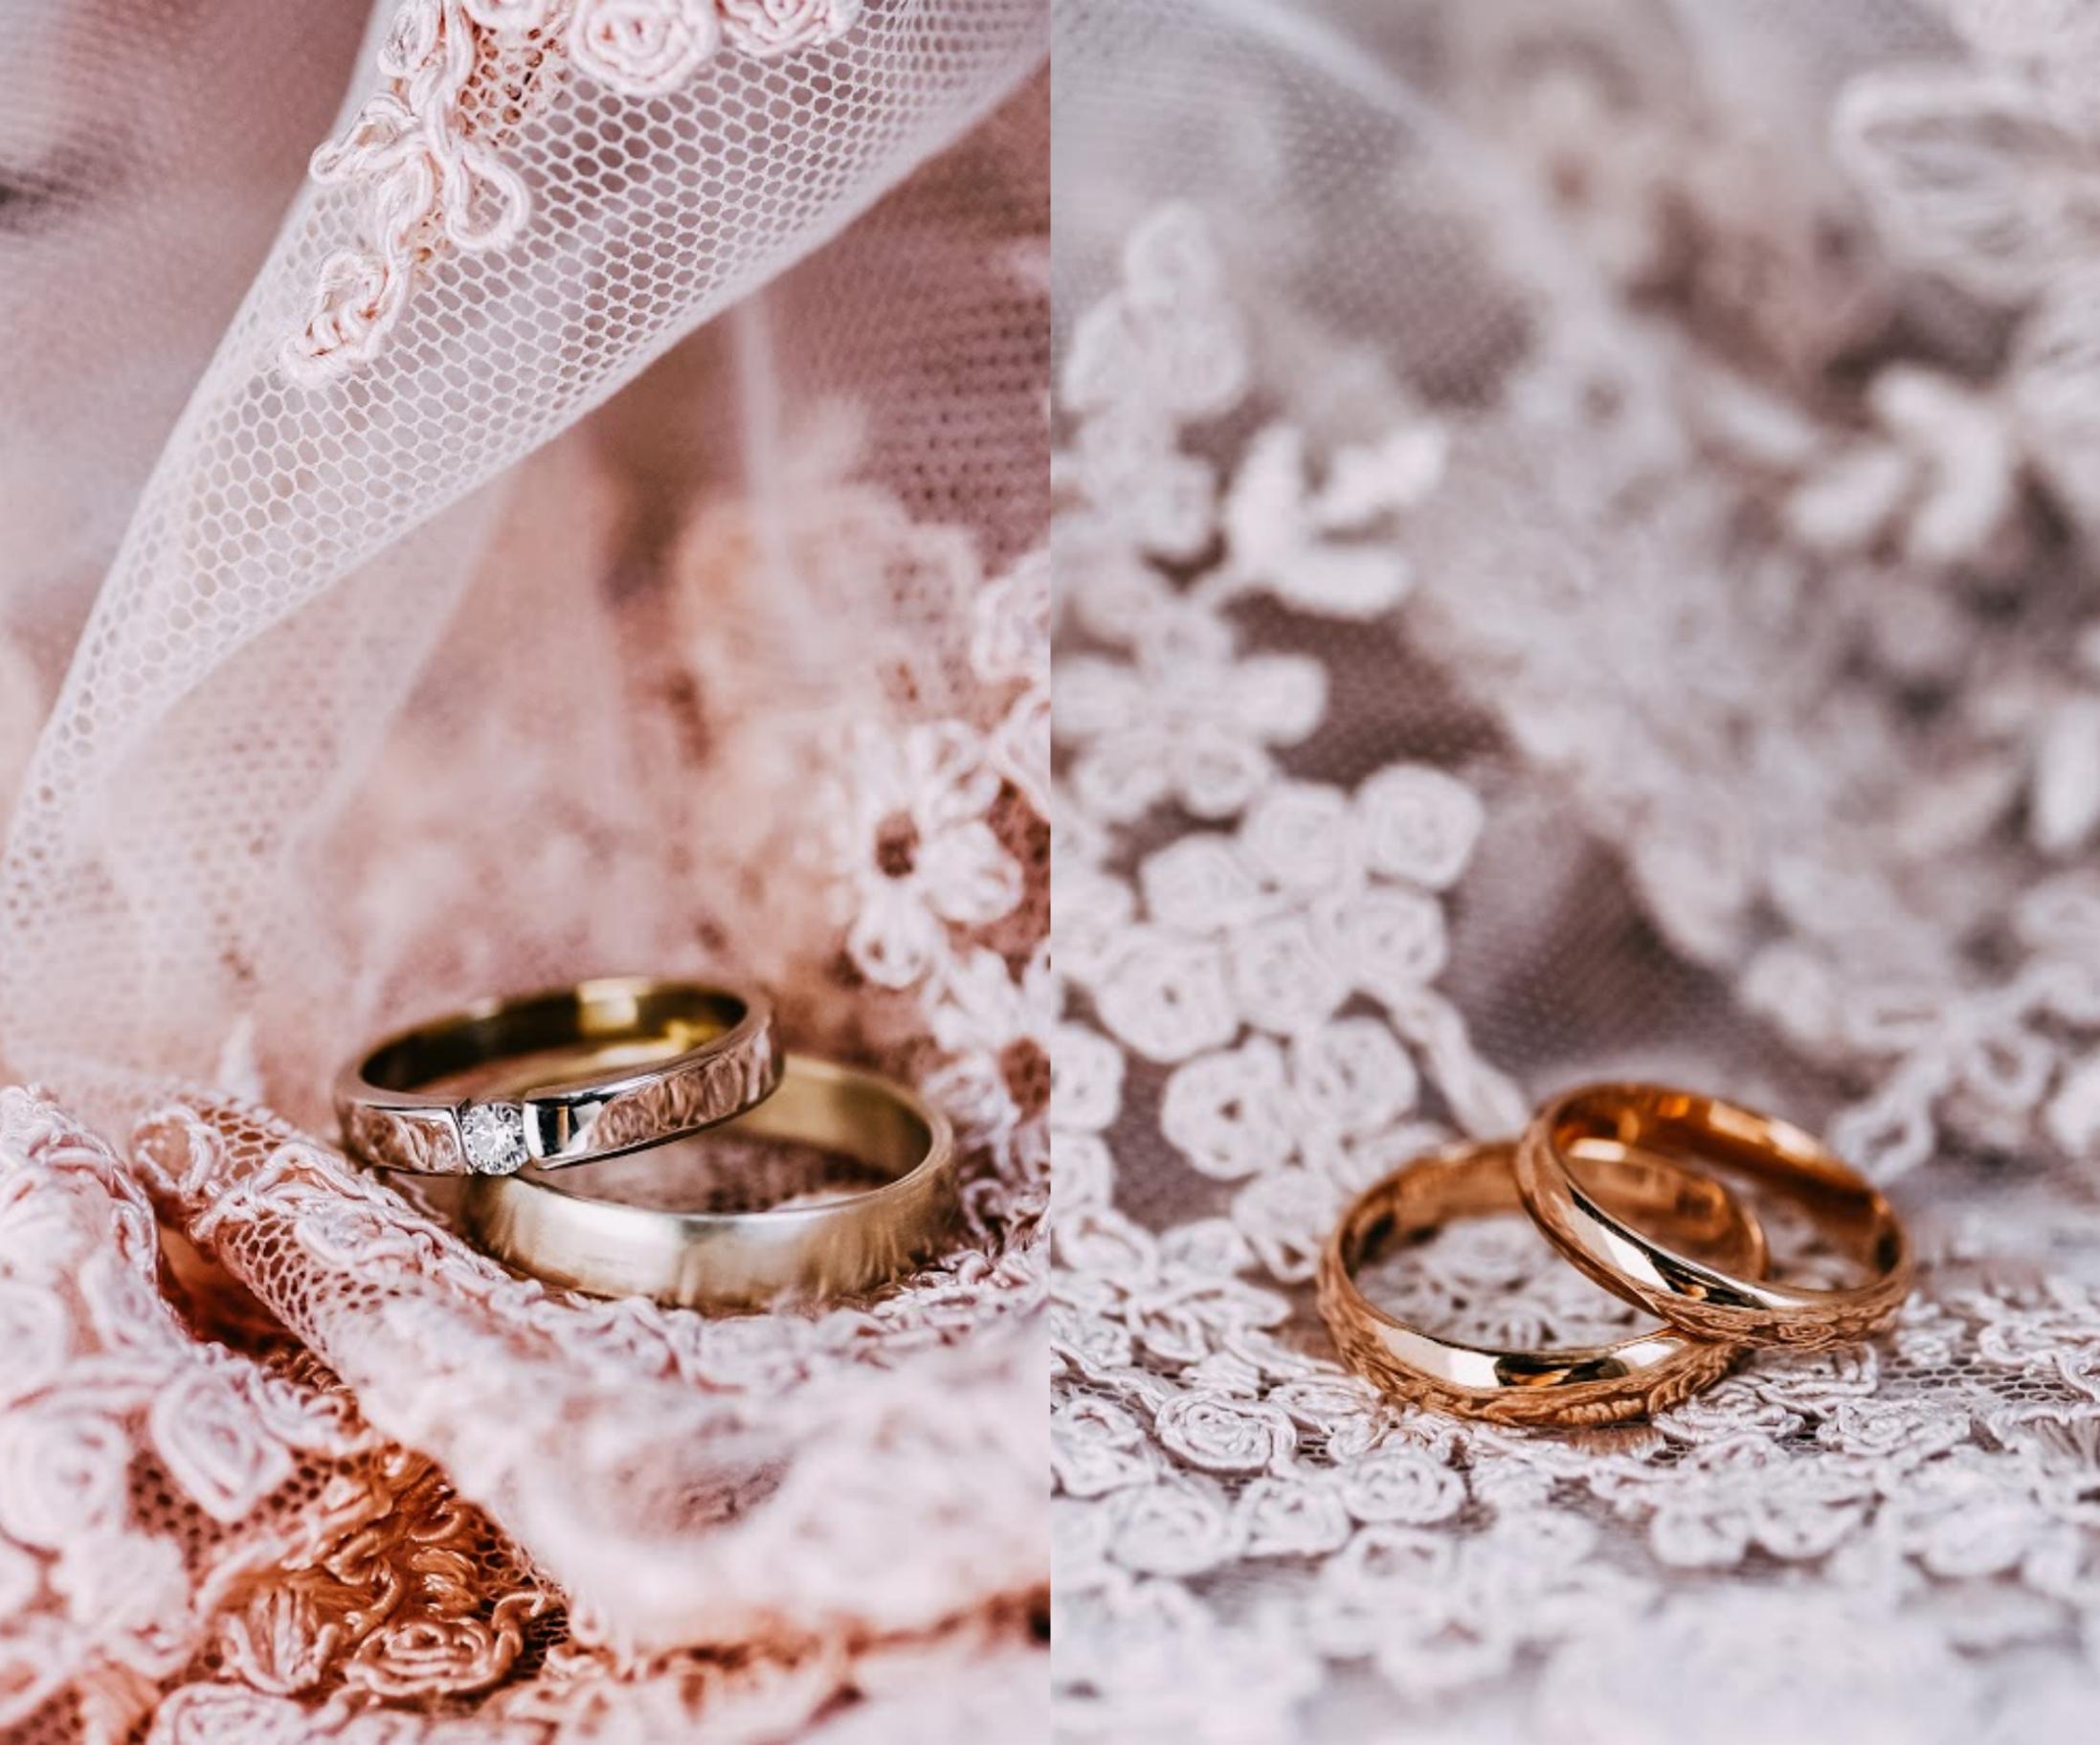 Девушки и их проекты: Даша о ювелирной студии I Love You, Rings